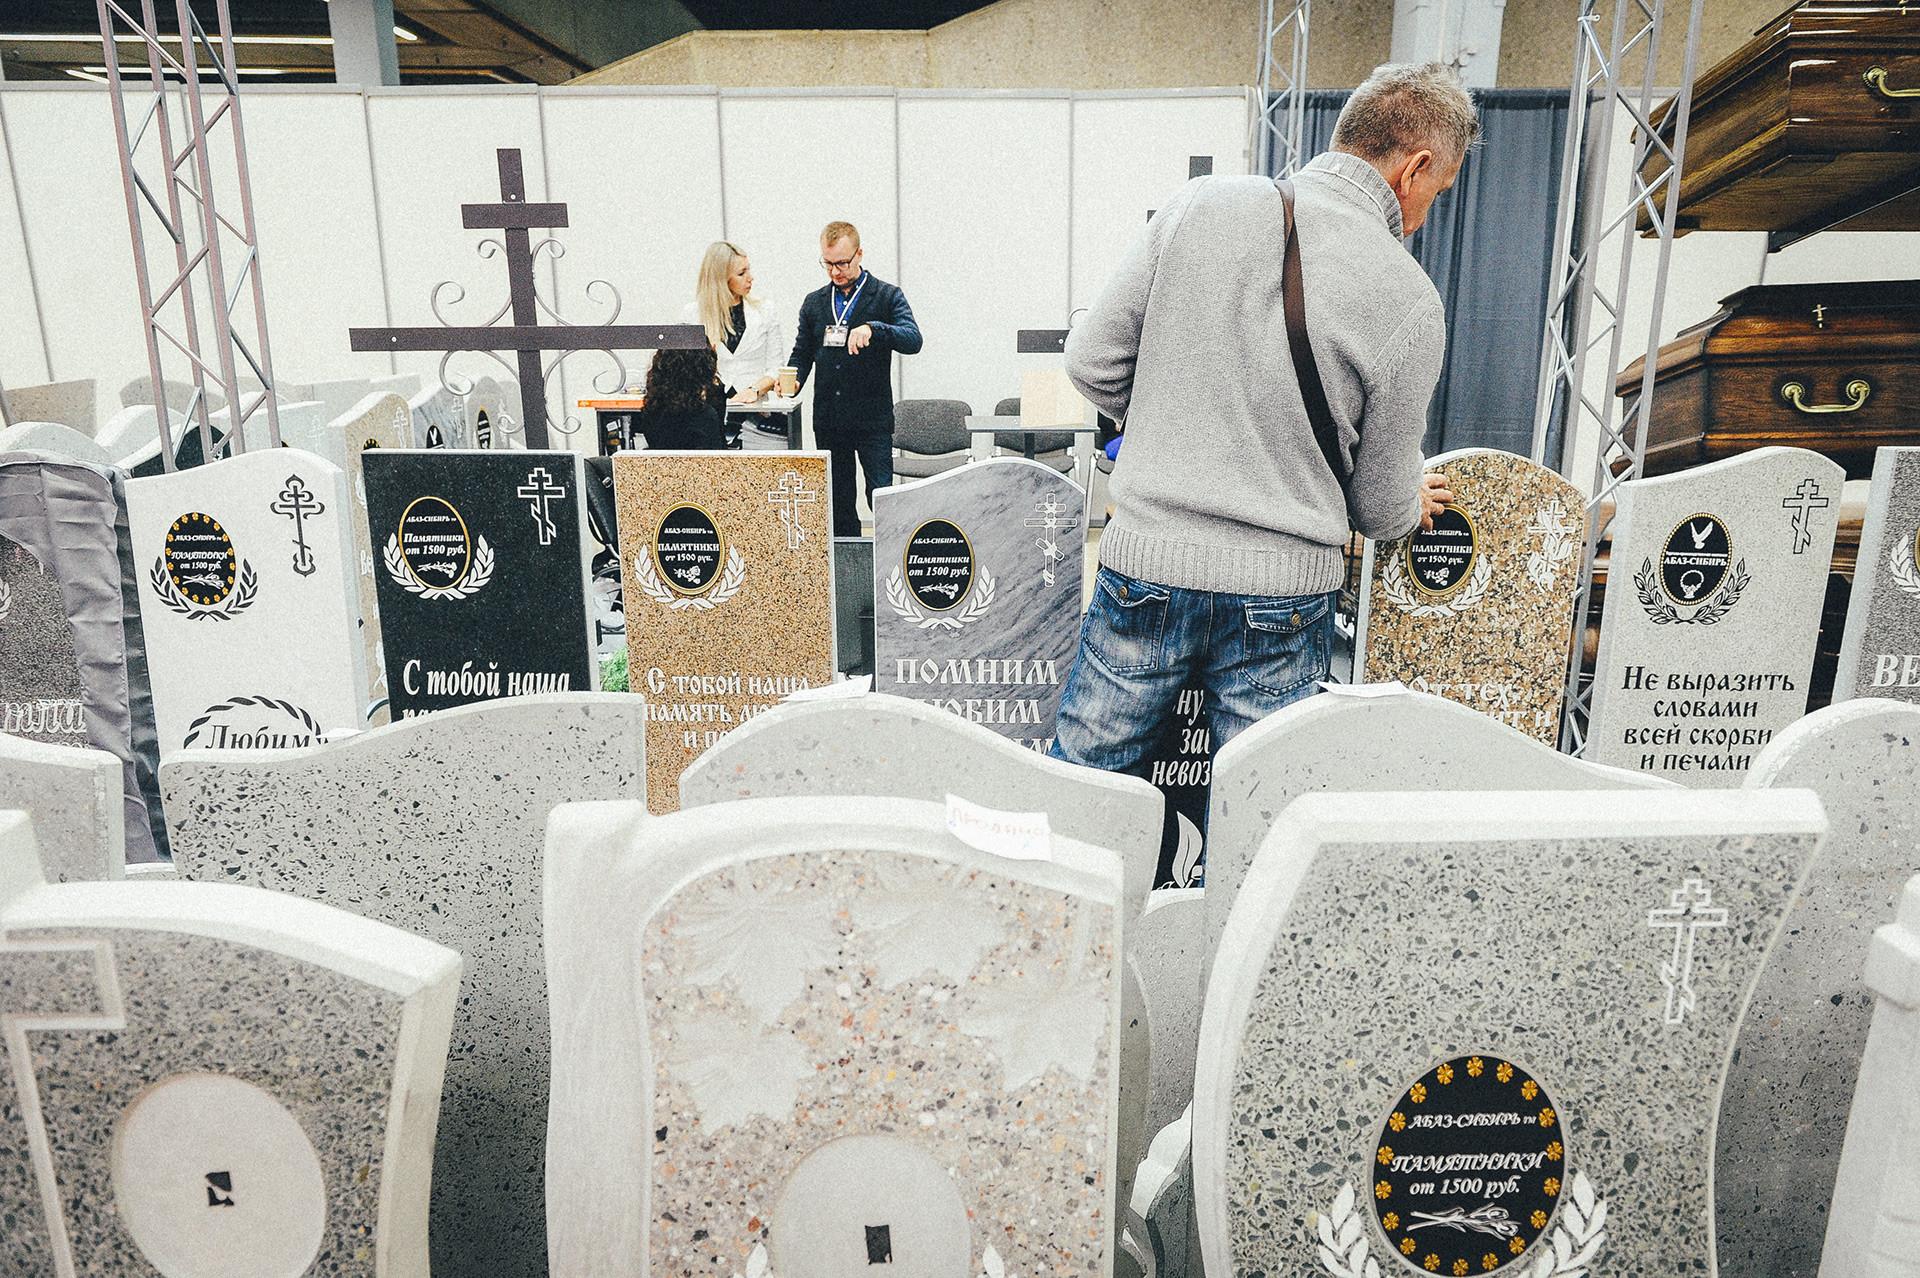 墓石店で展示されている石碑